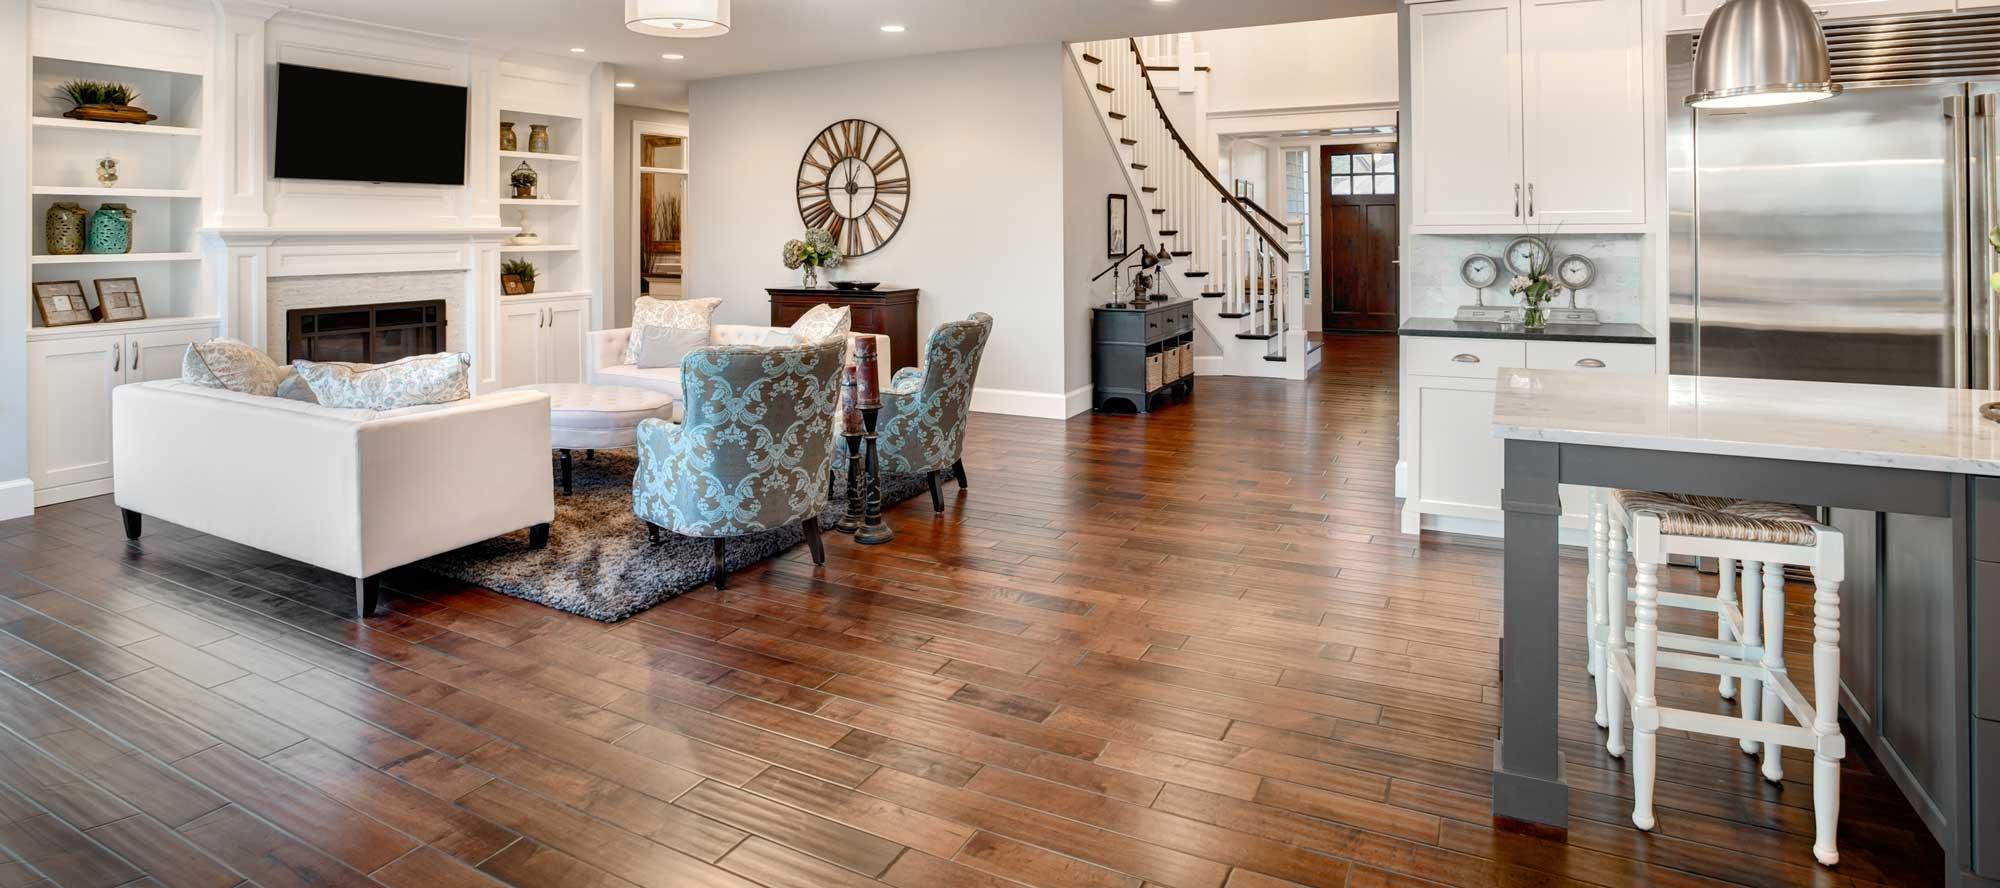 cost to install hardwood floor 2021